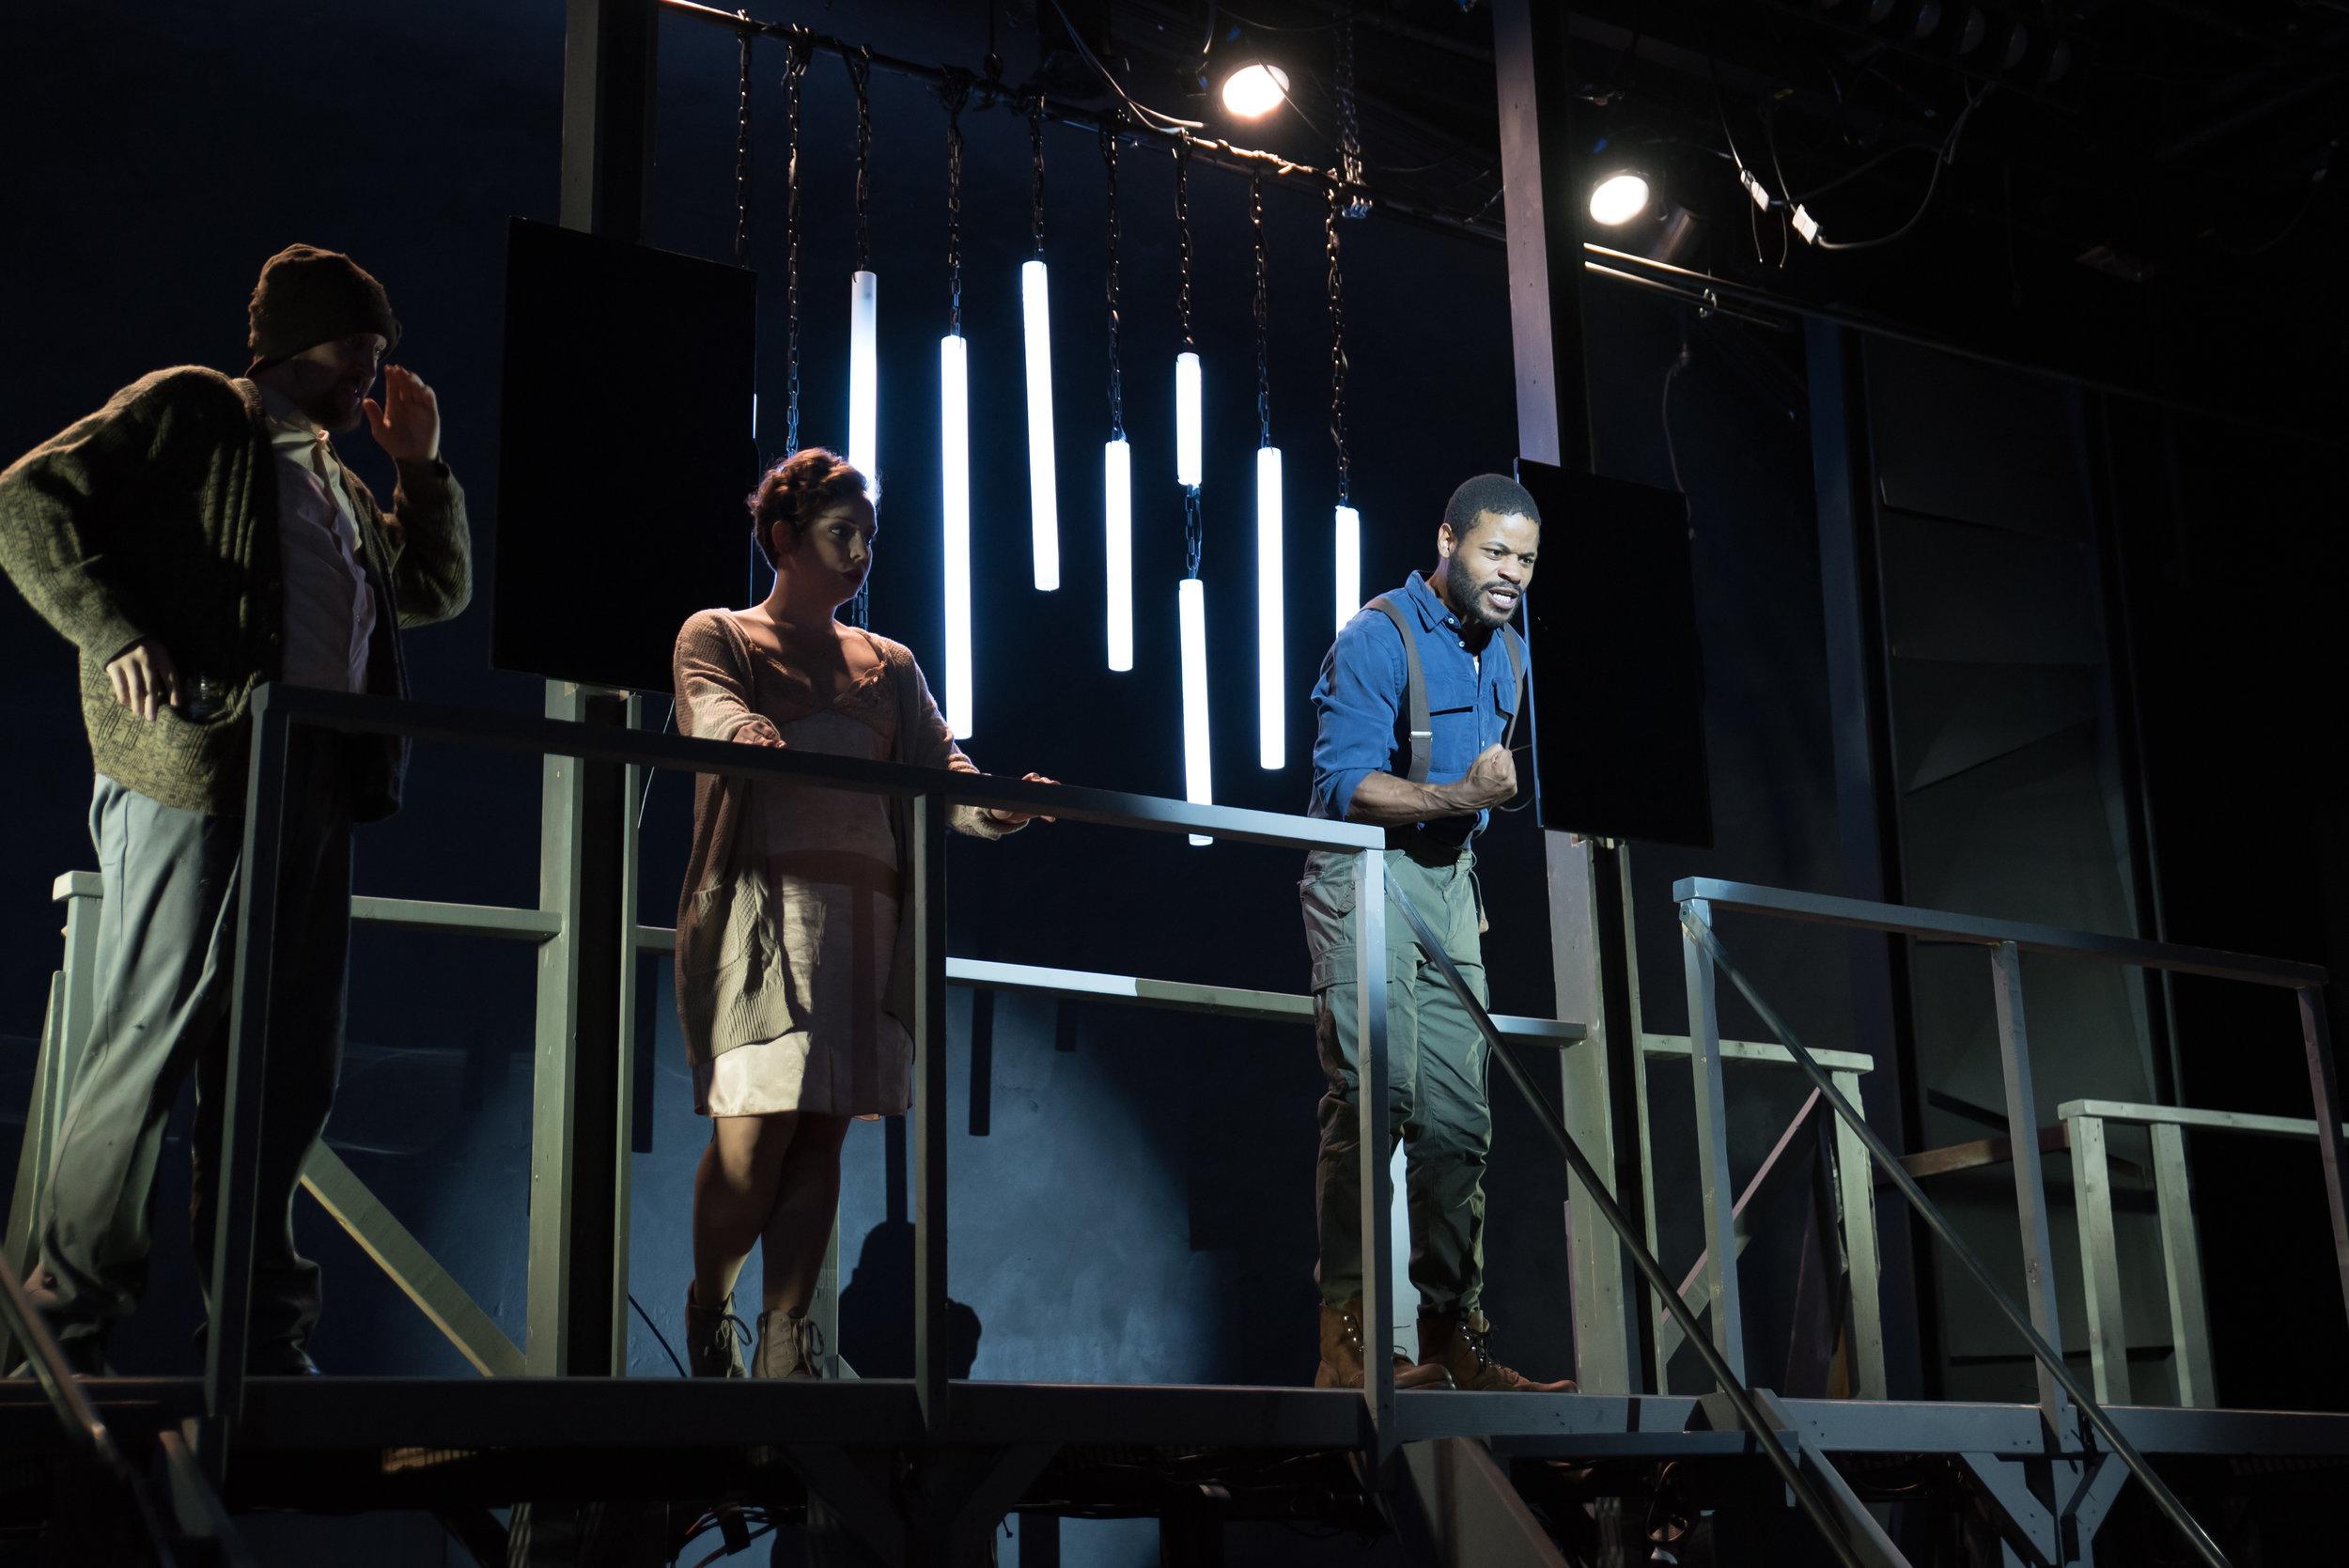 Scene 7: Nightcourt